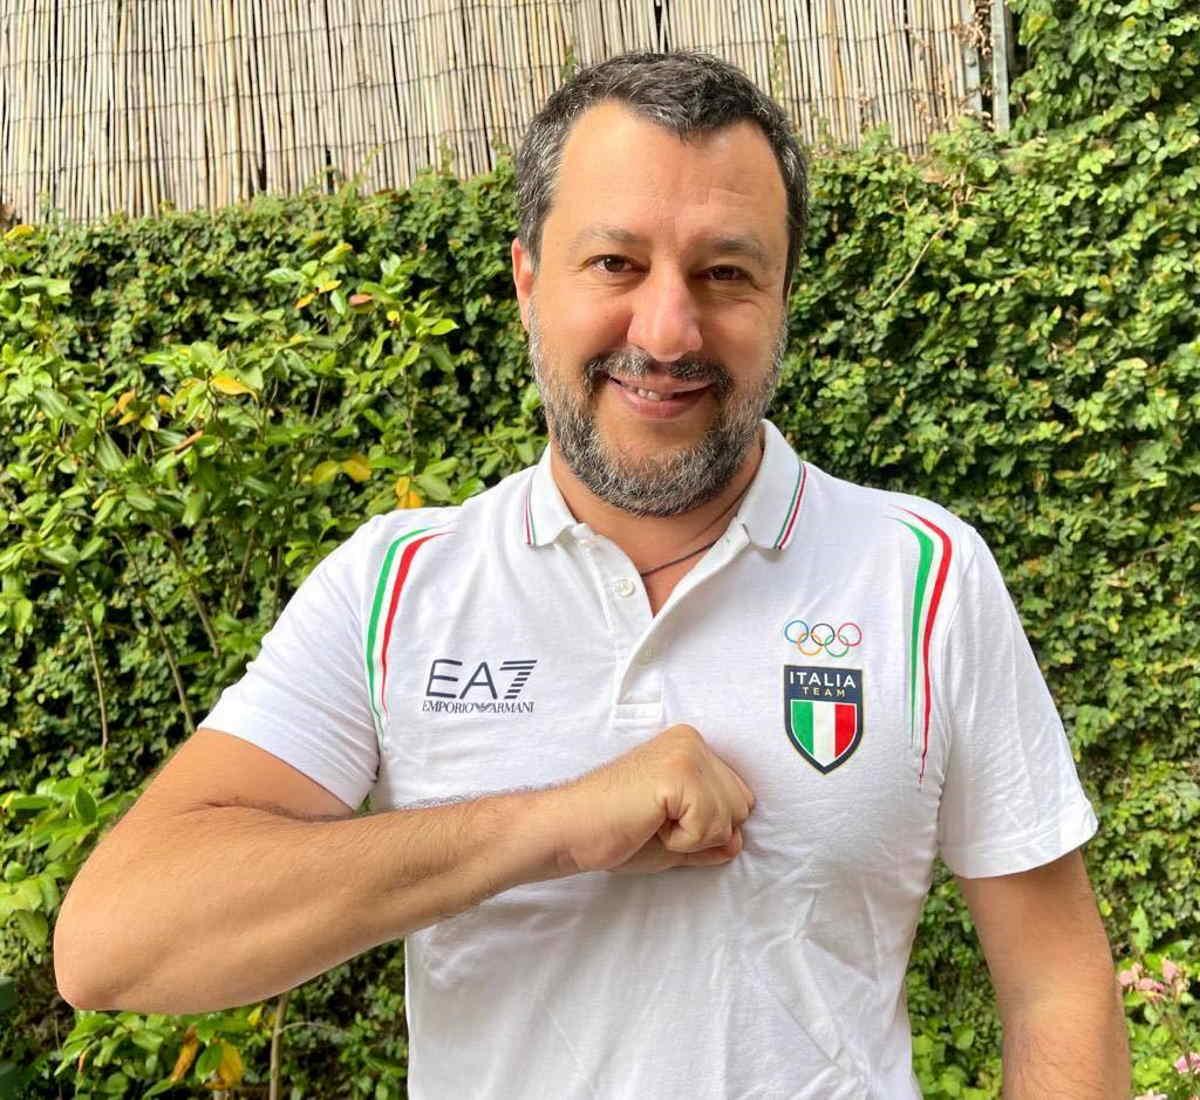 La metamorfosi di Salvini: una volta padano, adesso italiano